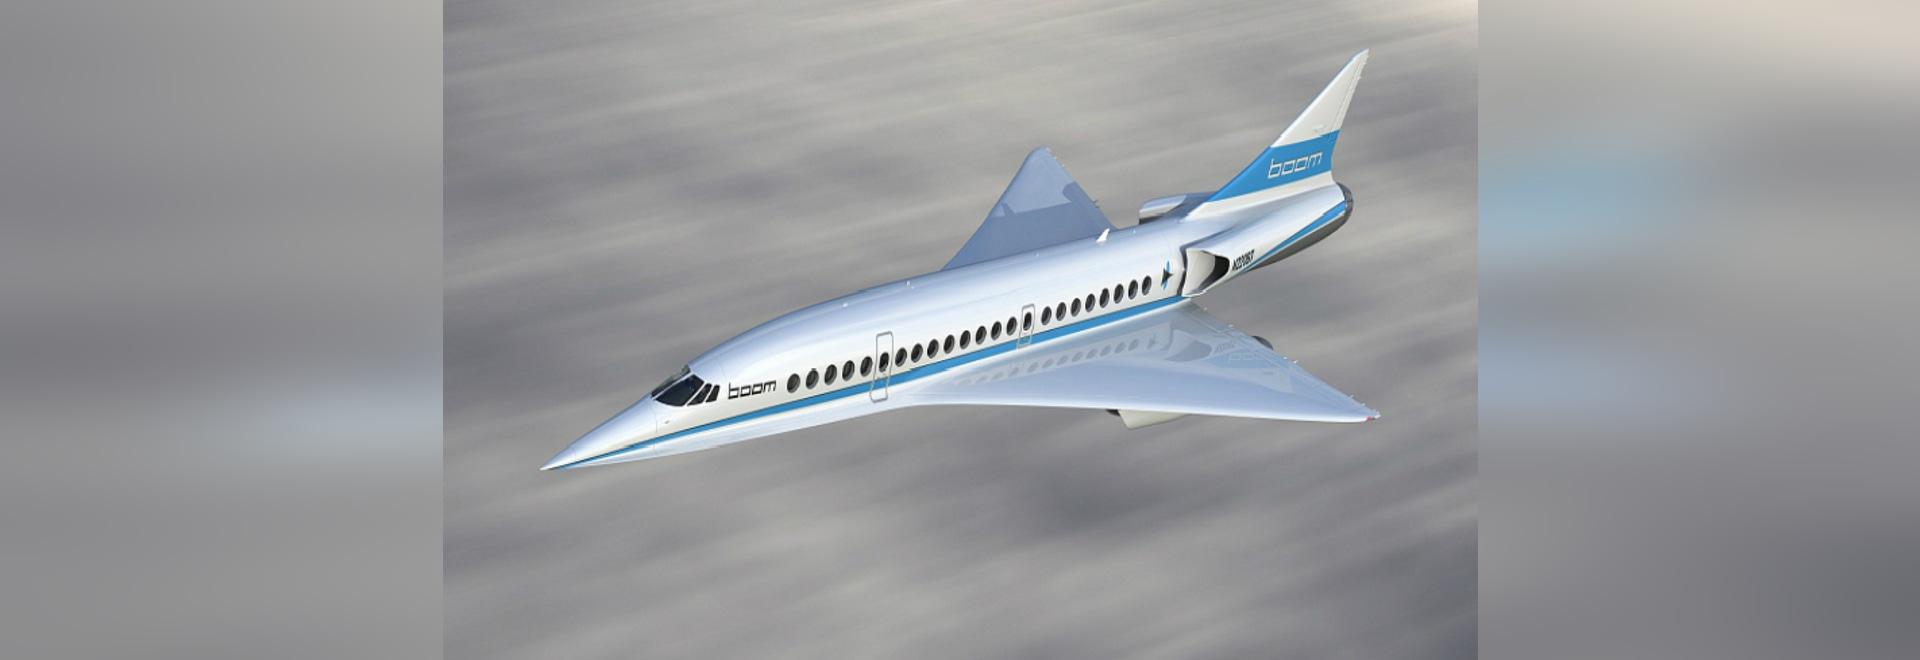 Next-gen Supersonic Planes